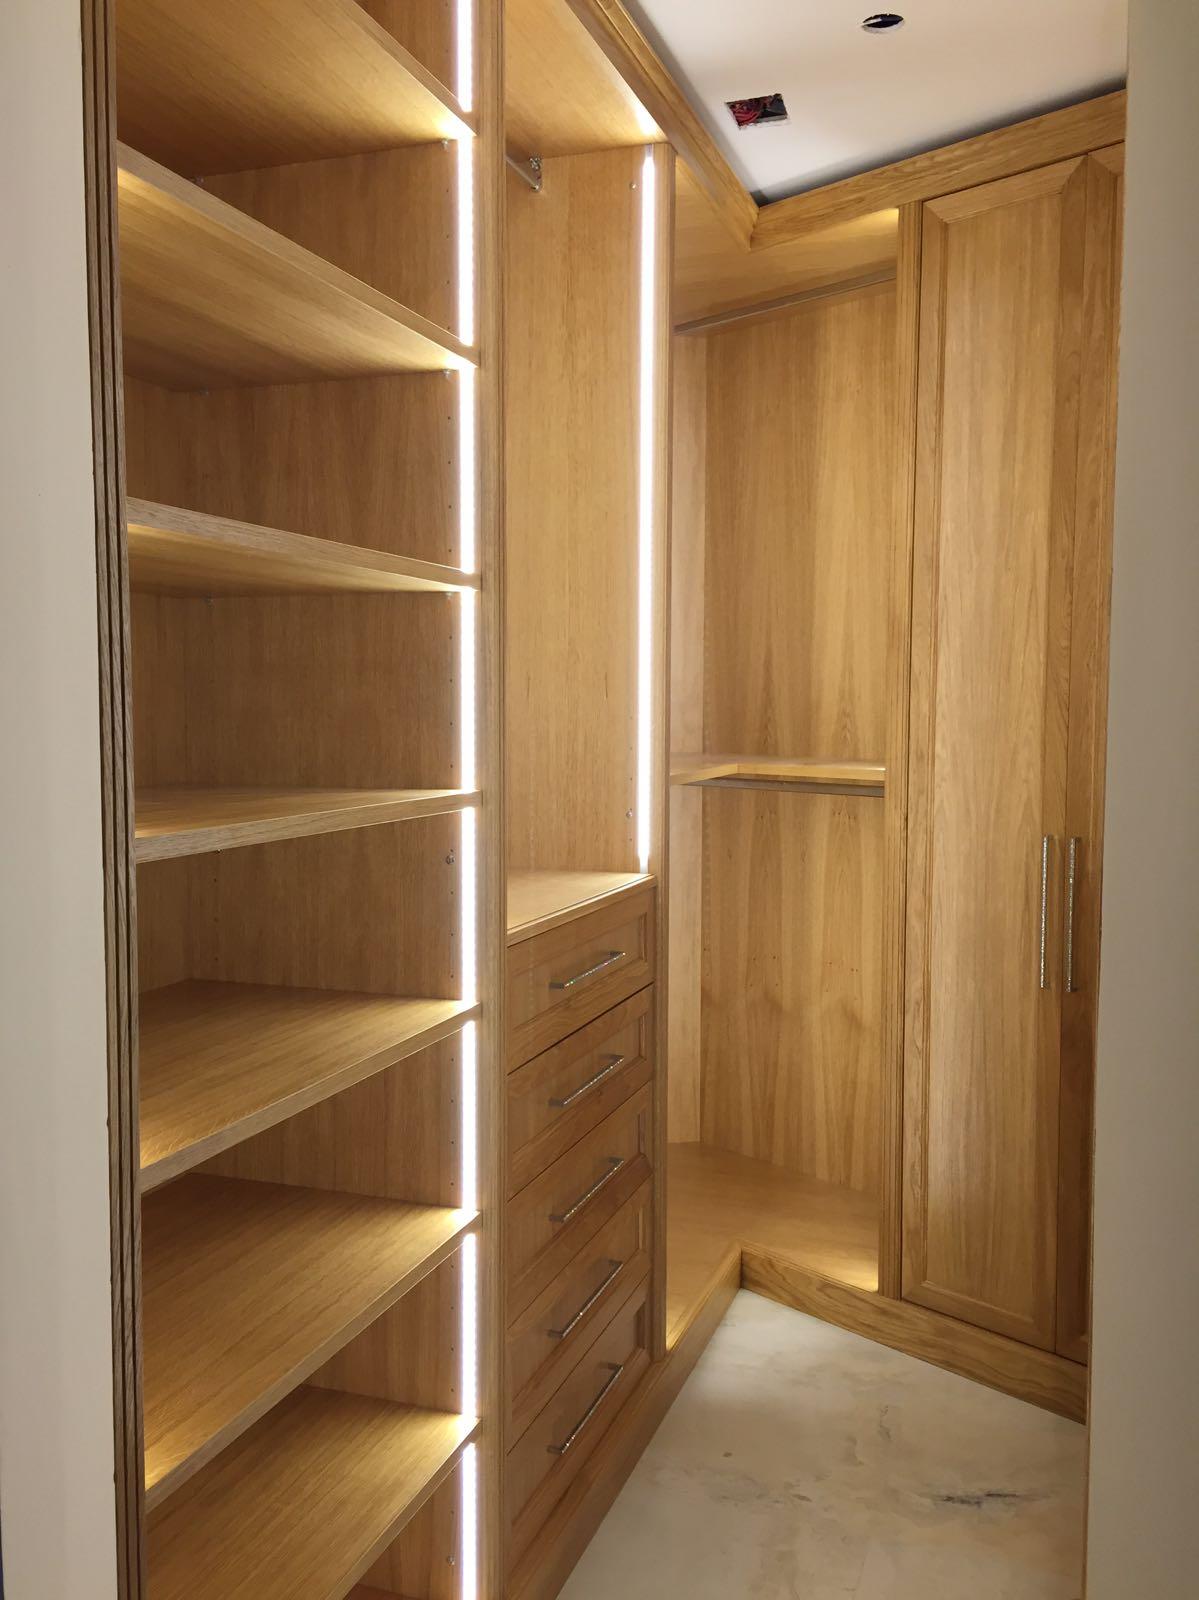 cabine armadio in legno di rovere ESCAPE='HTML'